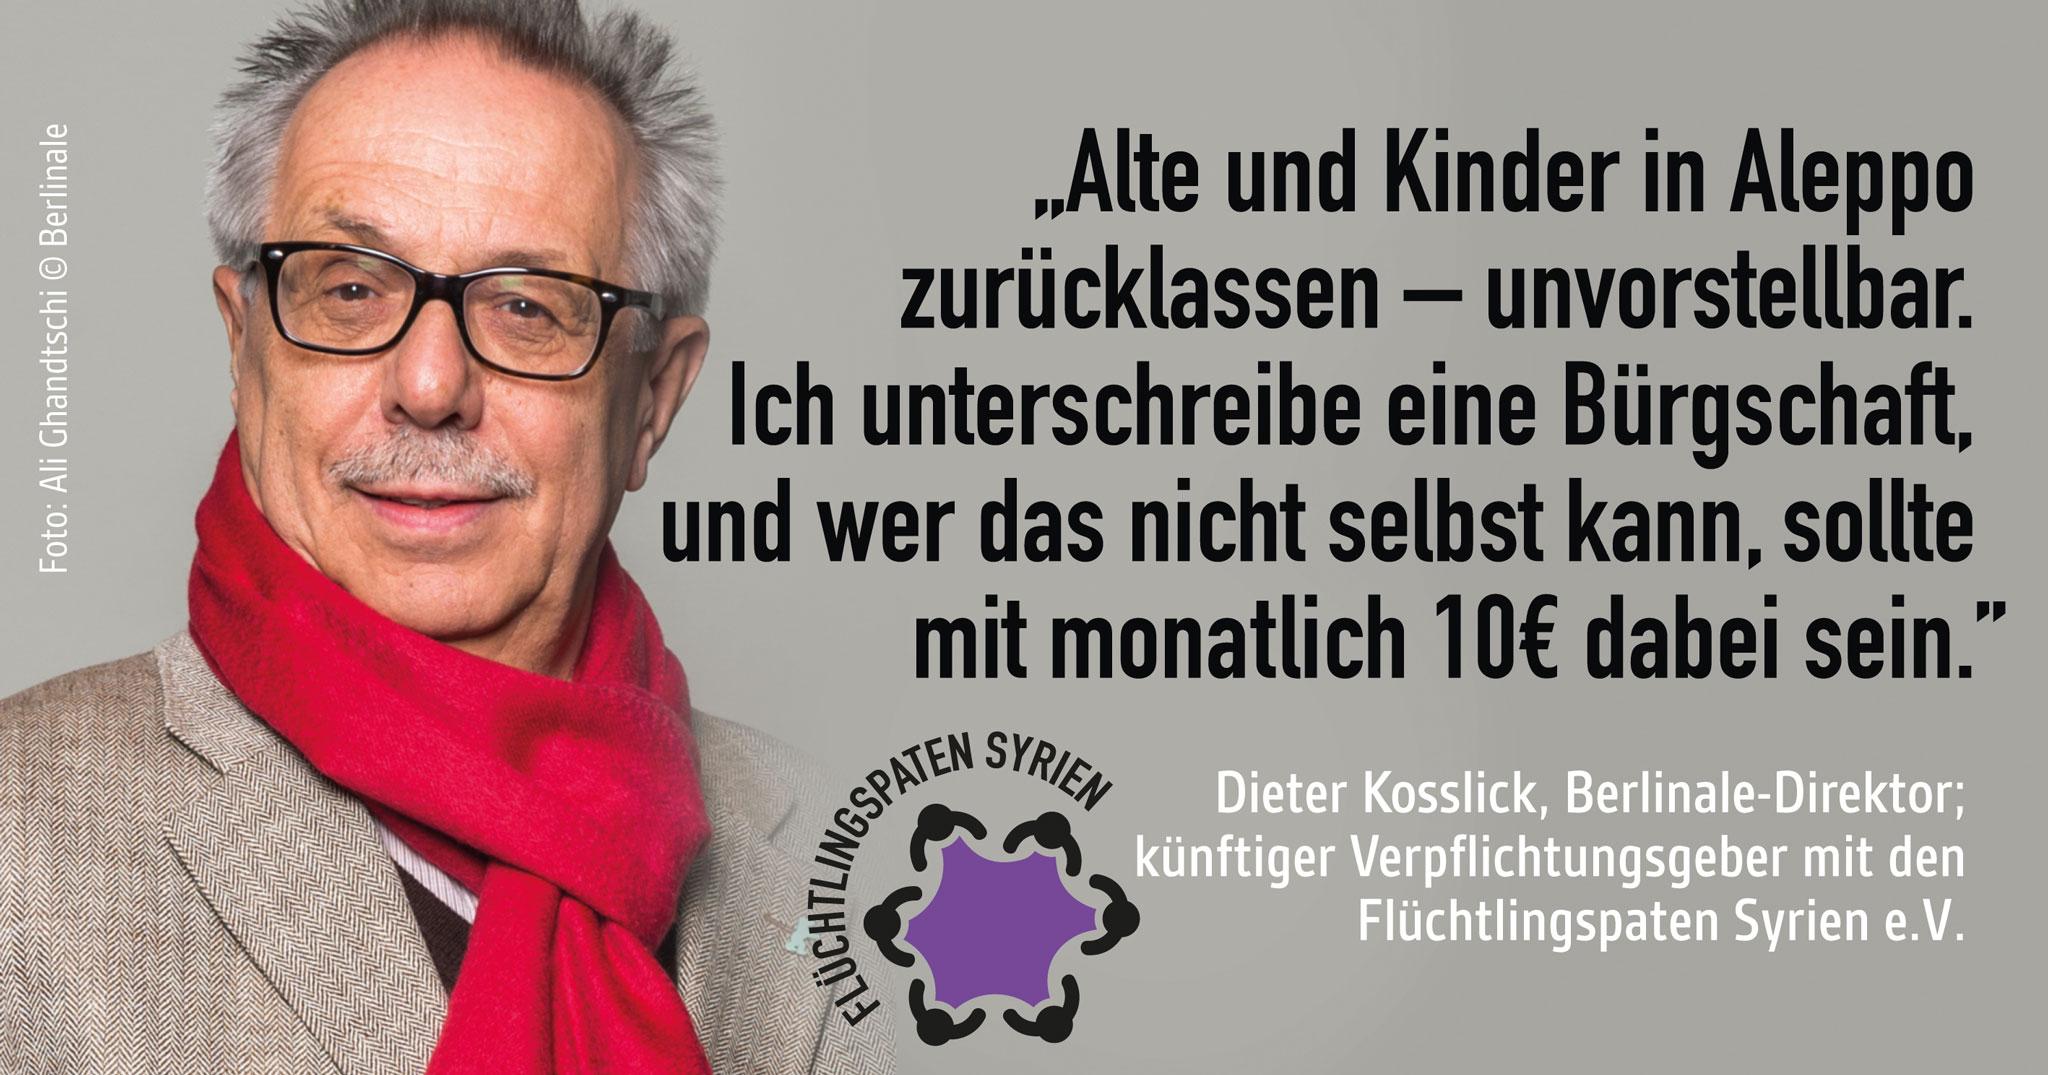 Not in Aleppo: Der Berlinale-Direktor wird Bürge!